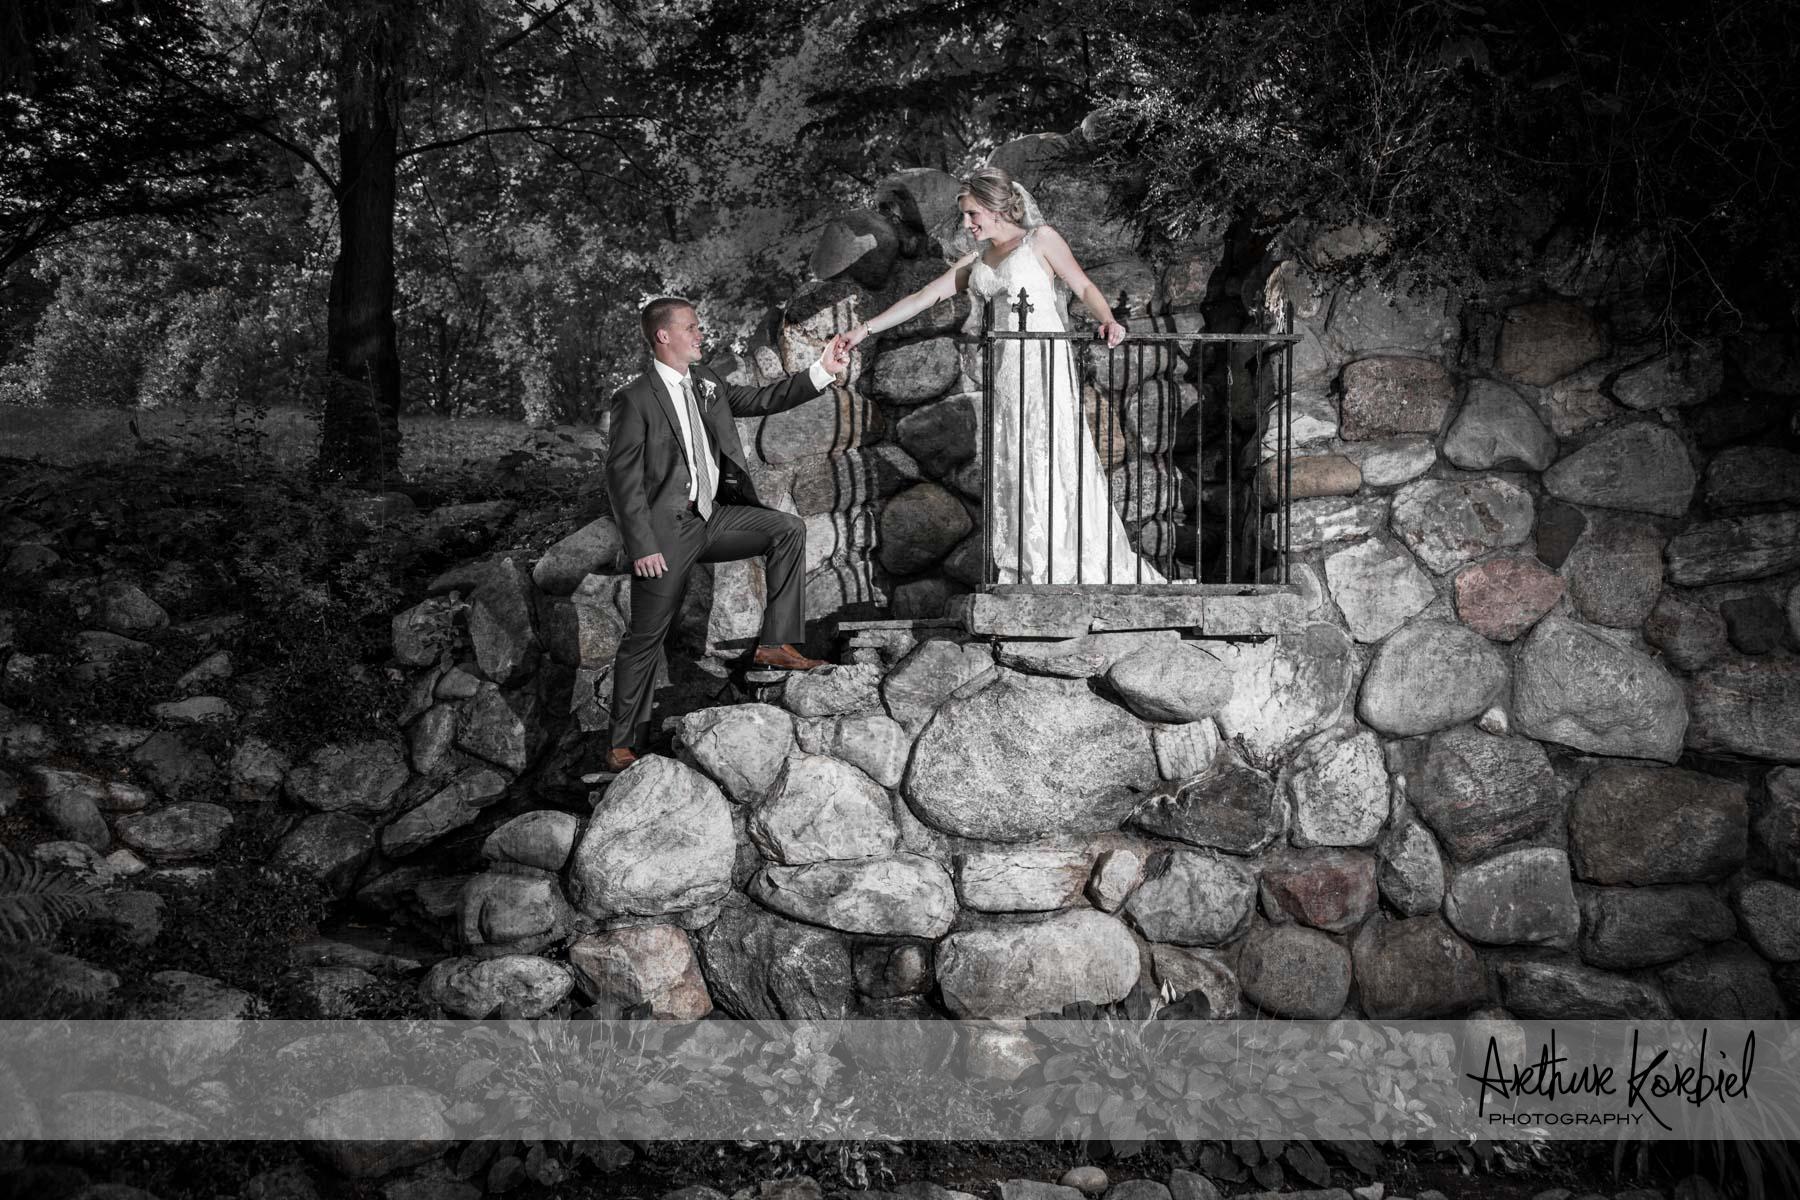 Arthur Korbiel Photography - London Wedding Photographer-037.jpg